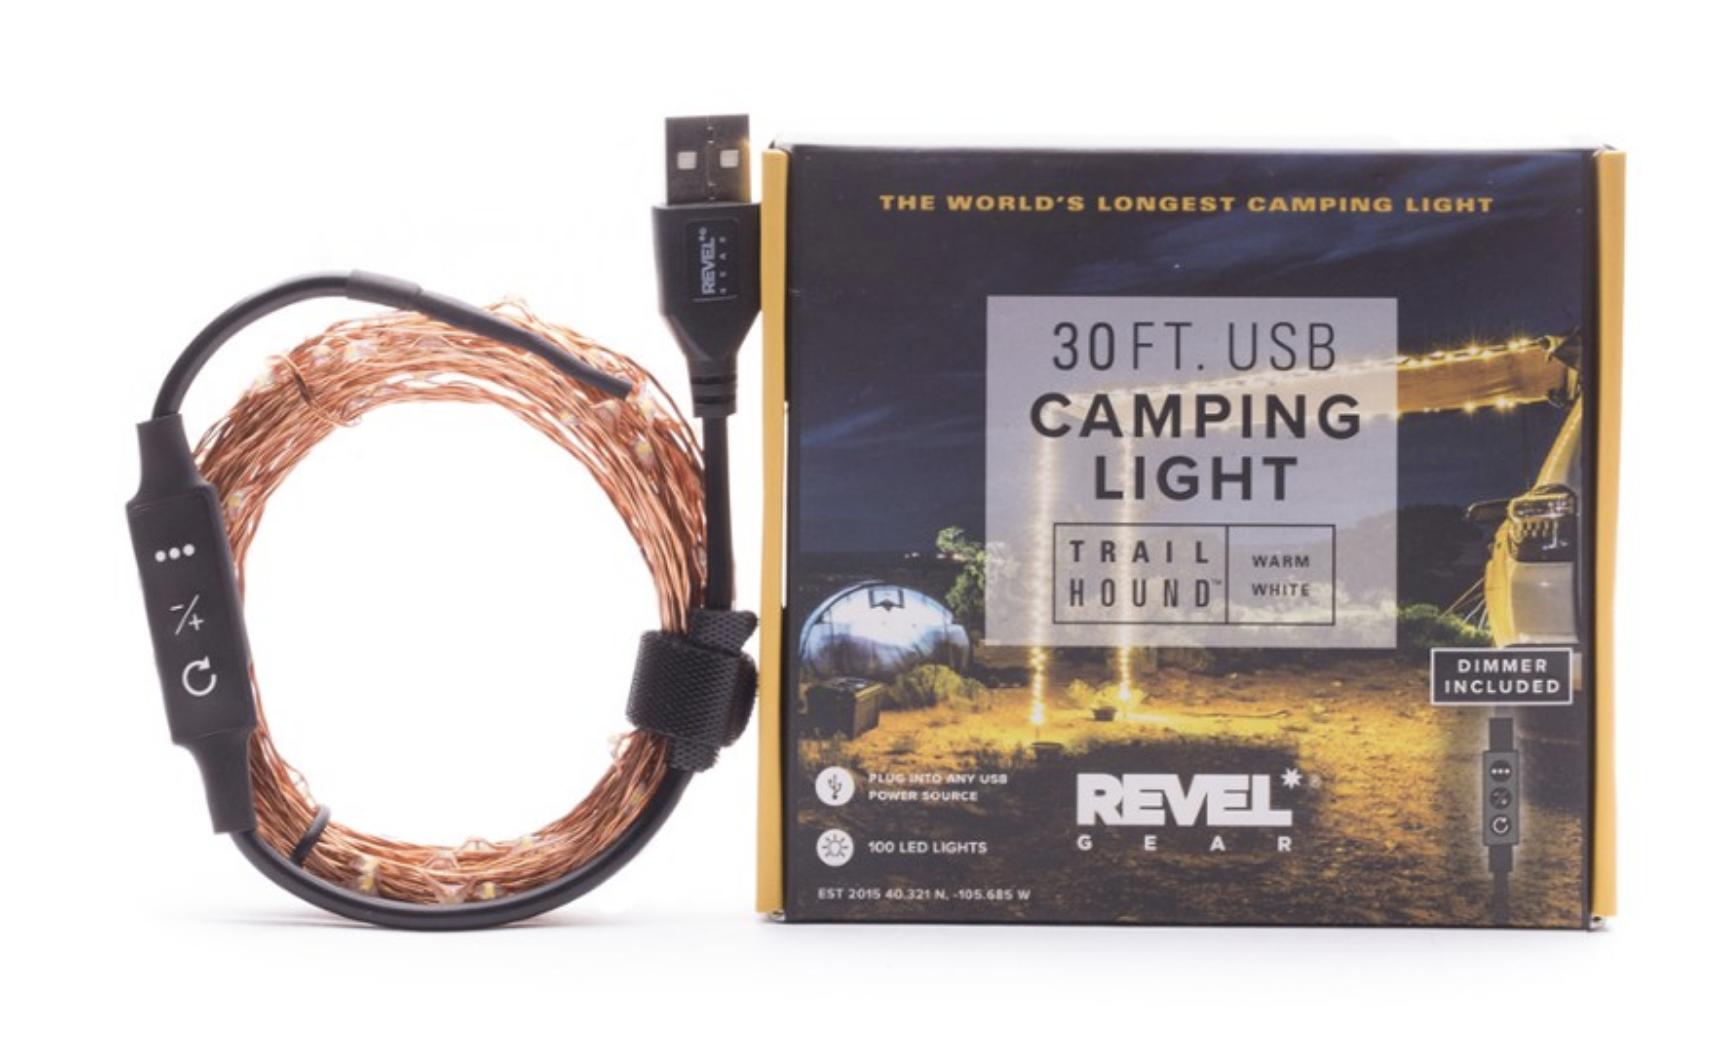 revel gear lights